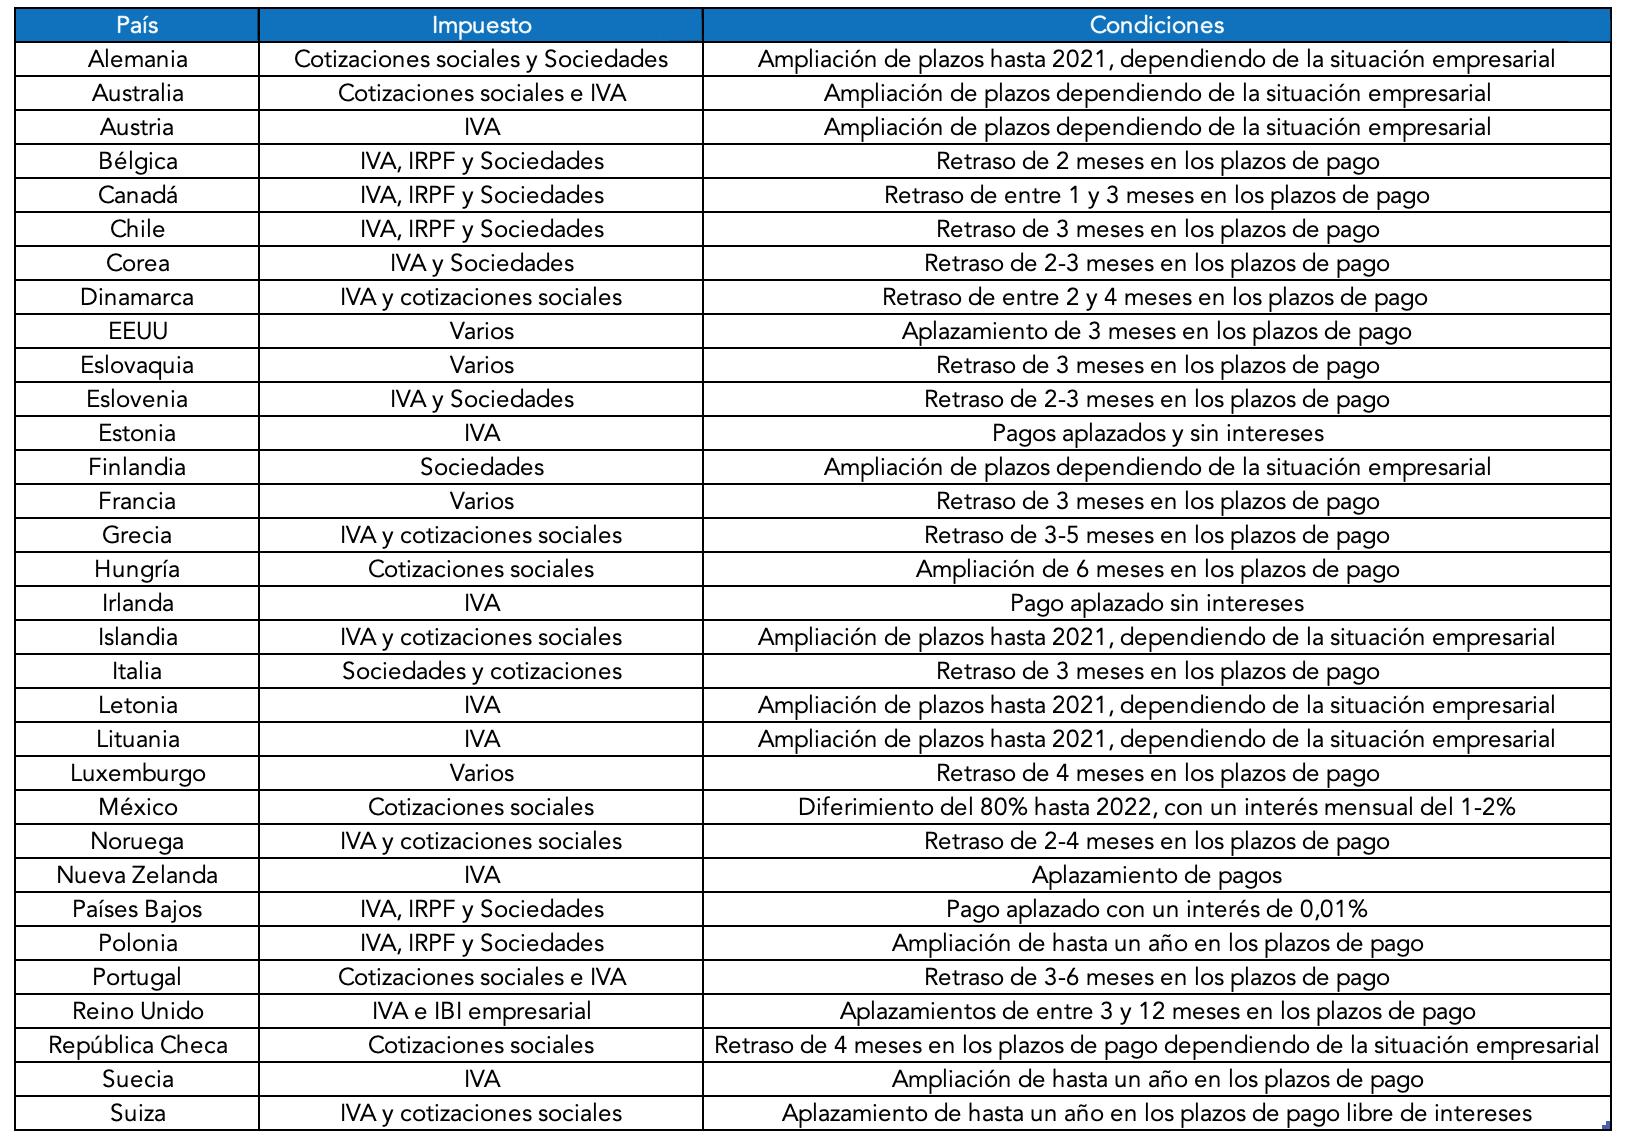 aplazamientos-fiscales-ocde-covid-19.png